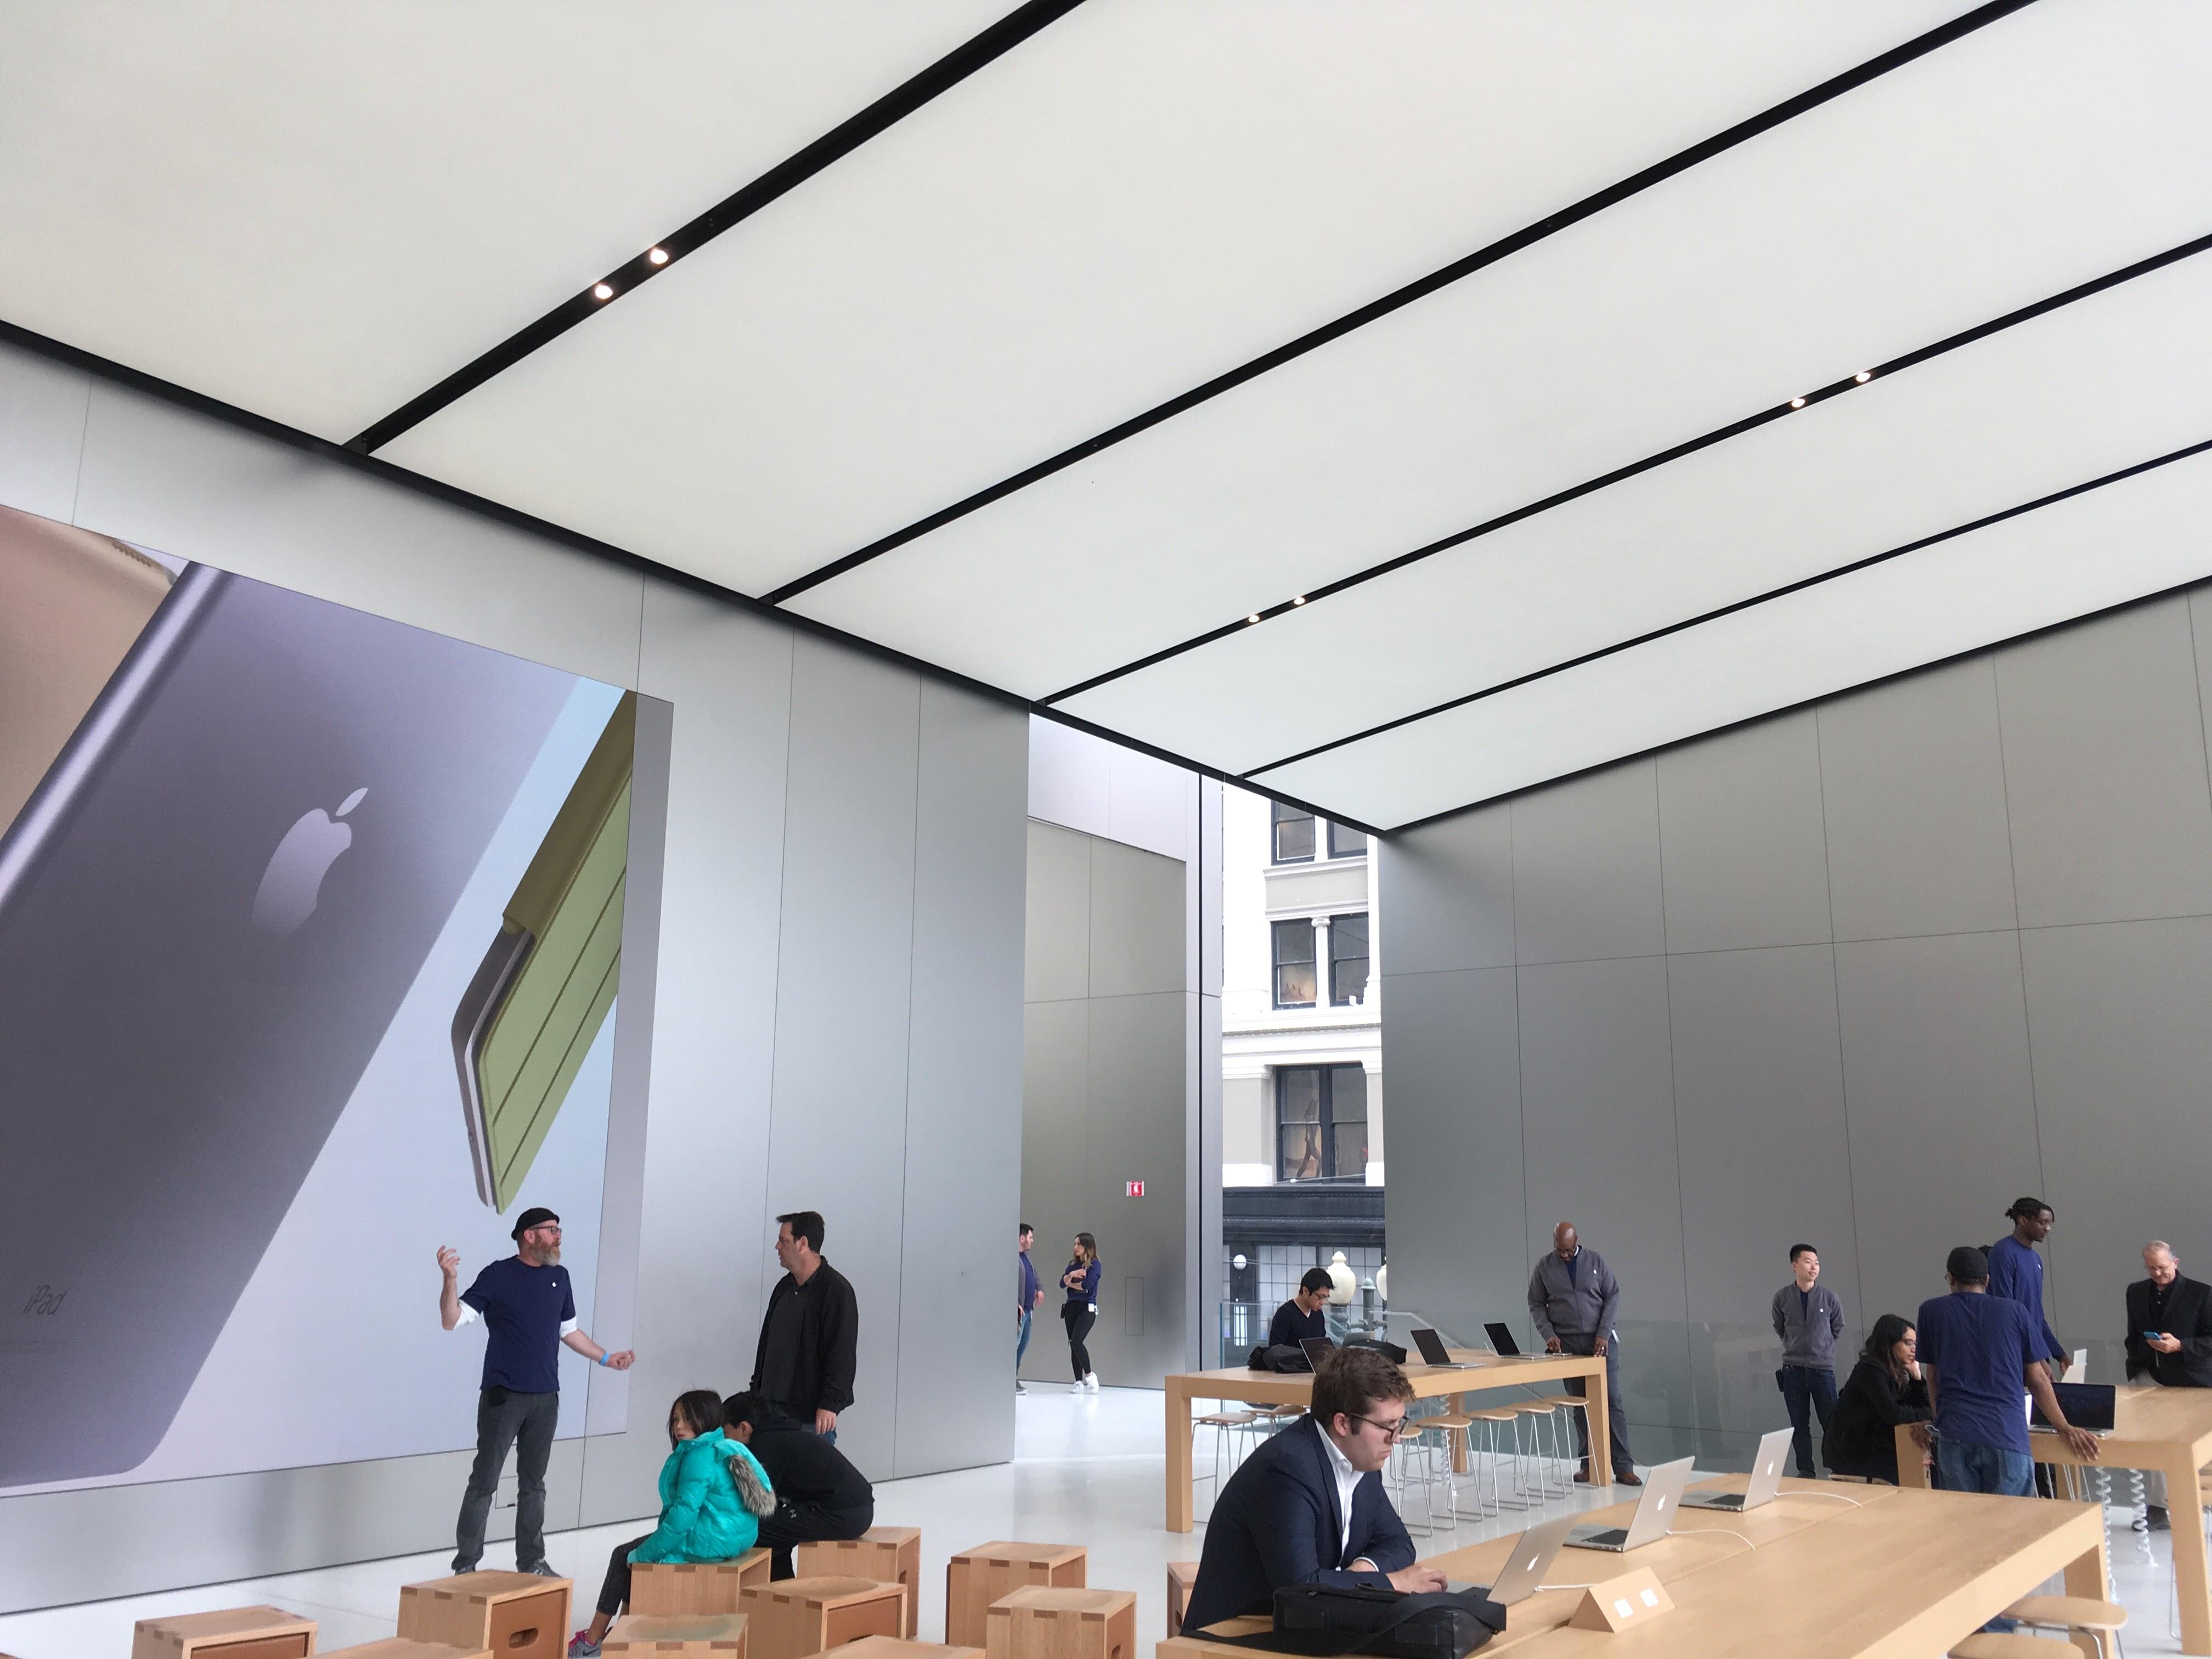 Apples nyeste butikk i San Francisco.